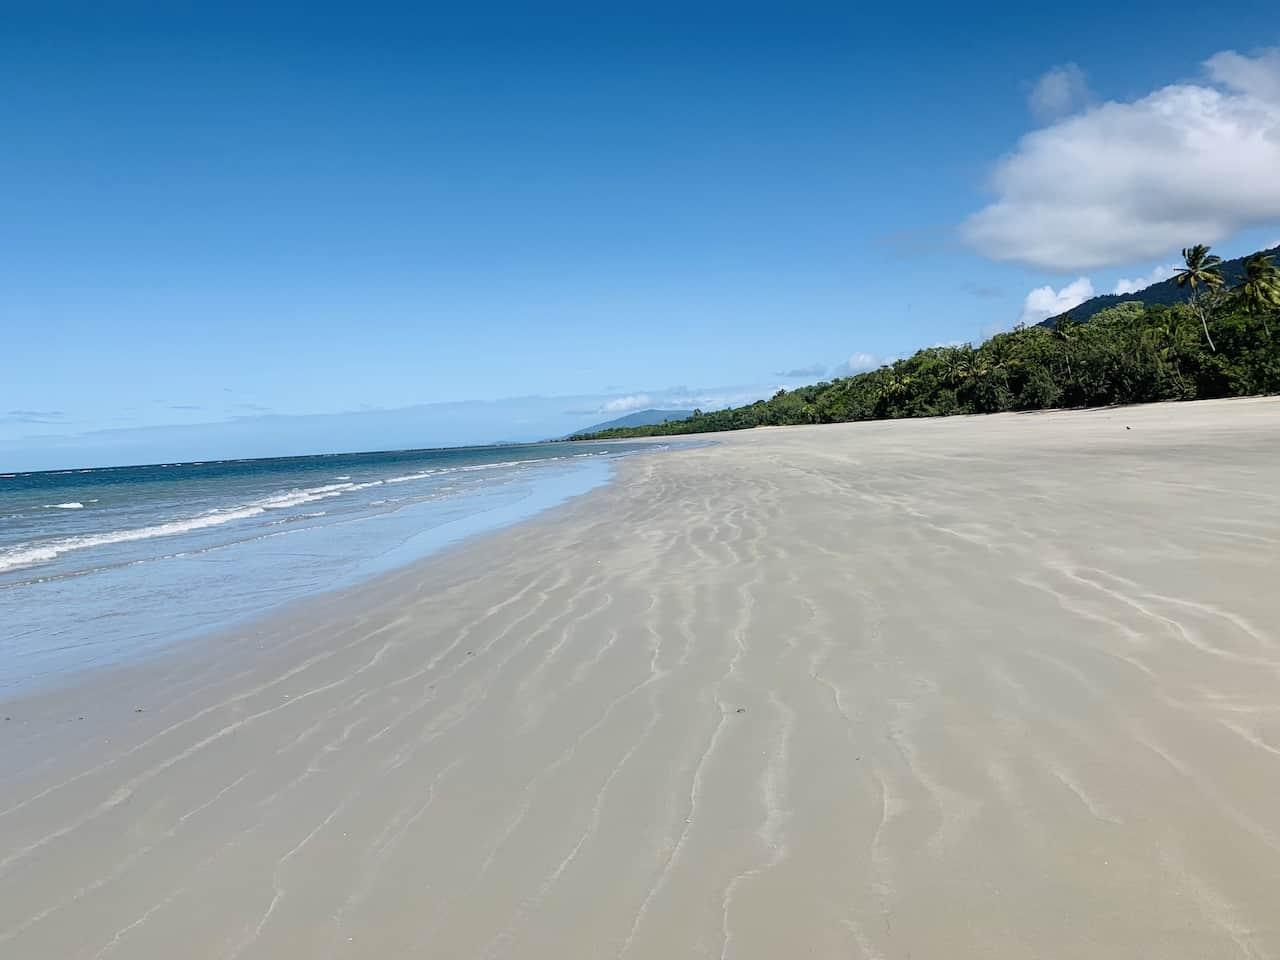 Daintree Rainforest Beach